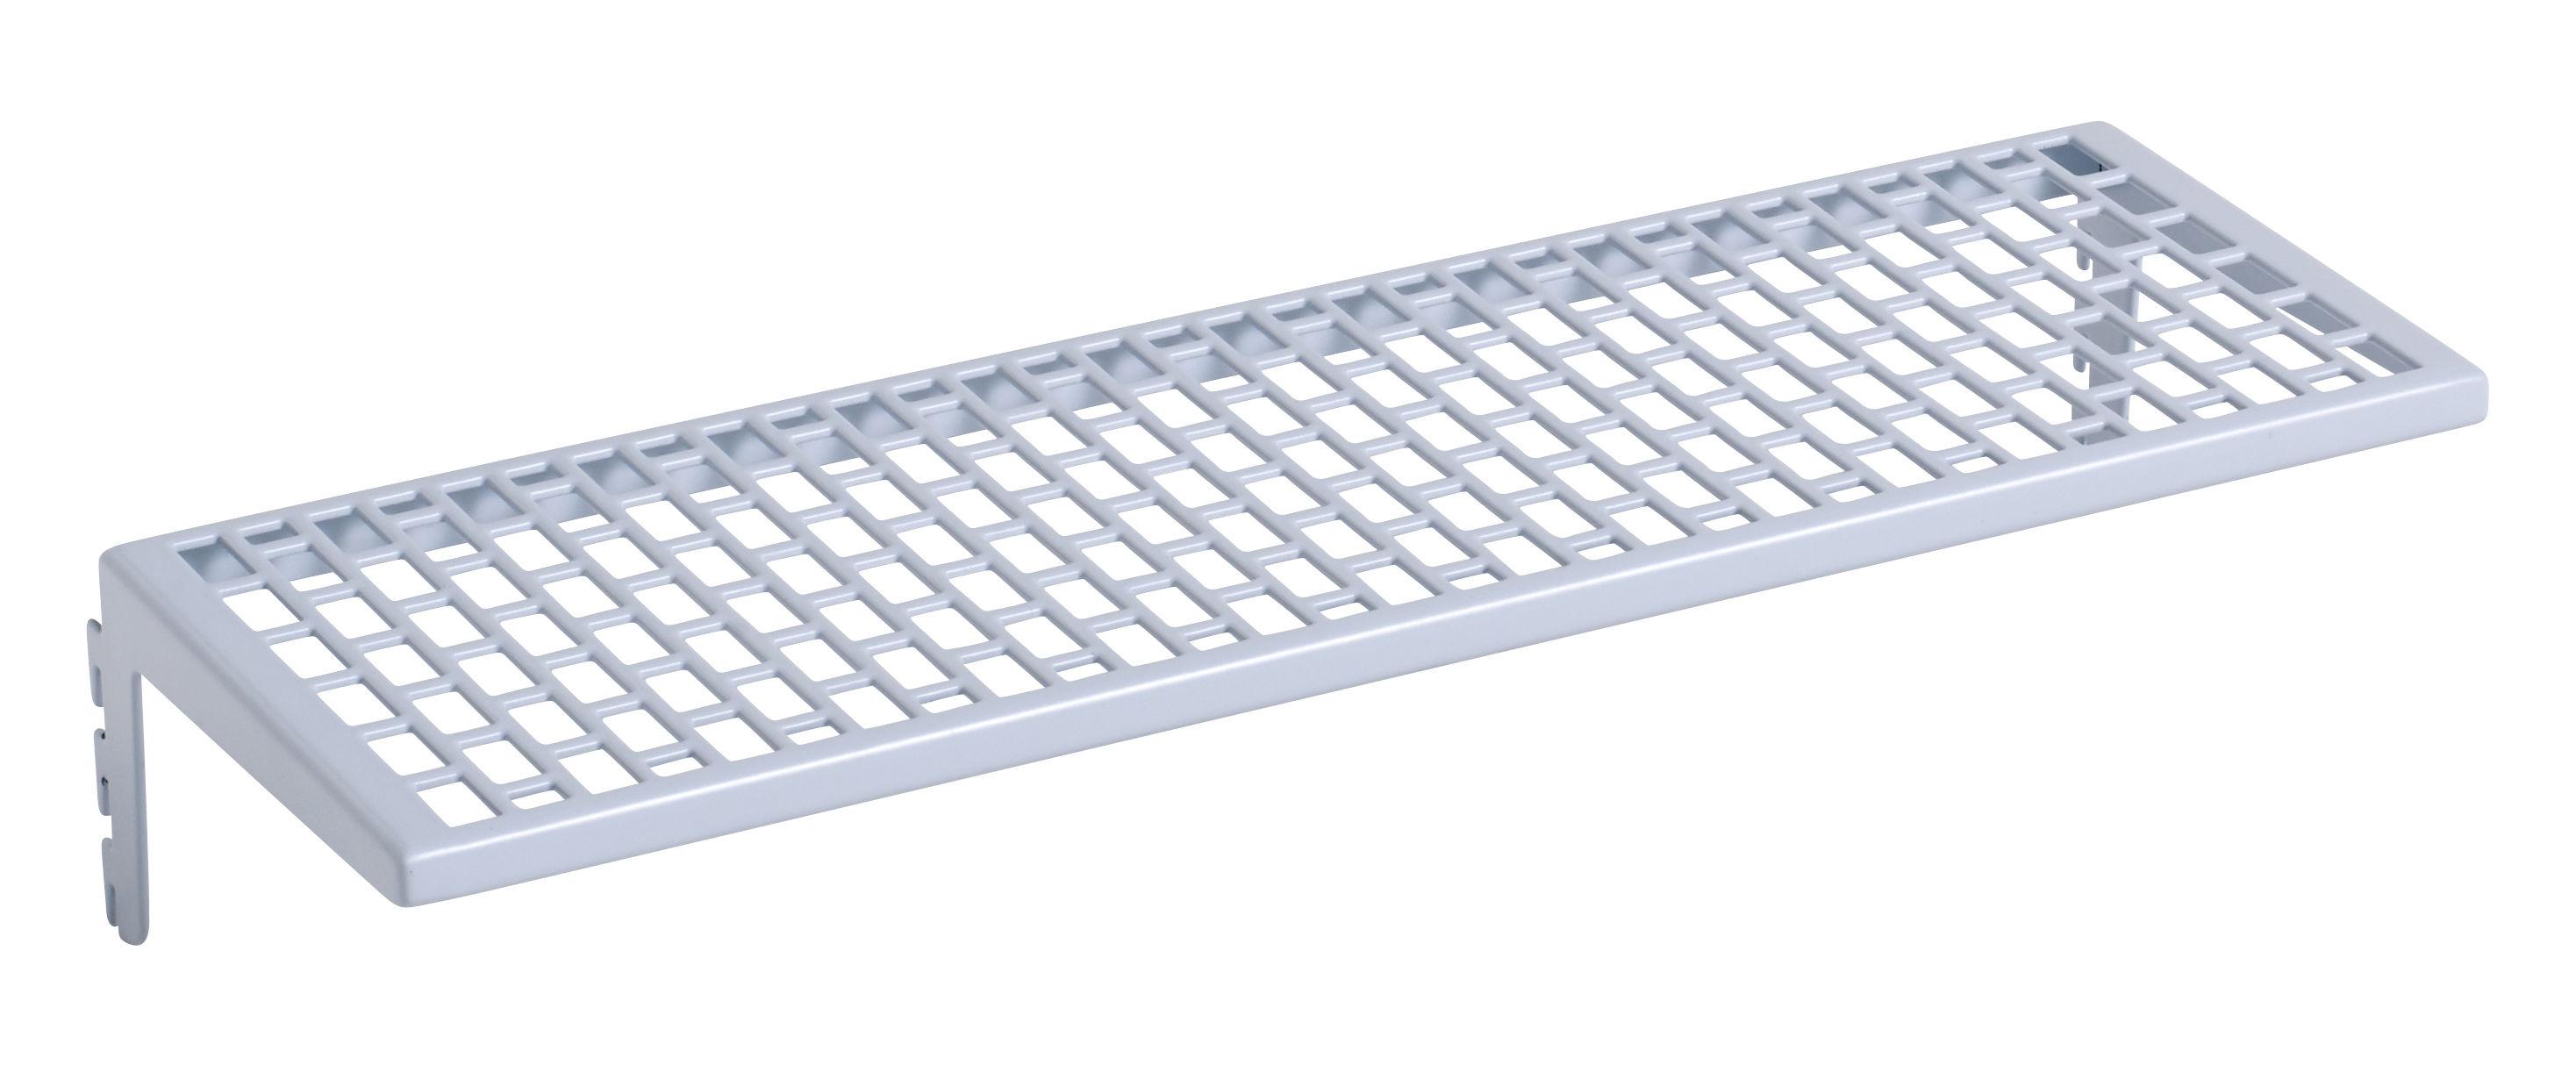 Interni - Contenitori e Cesti - Mensola Small Metallo / L 35 cm - Per pannello Pinorama - Hay - Blu chiaro - Acciaio verniciato